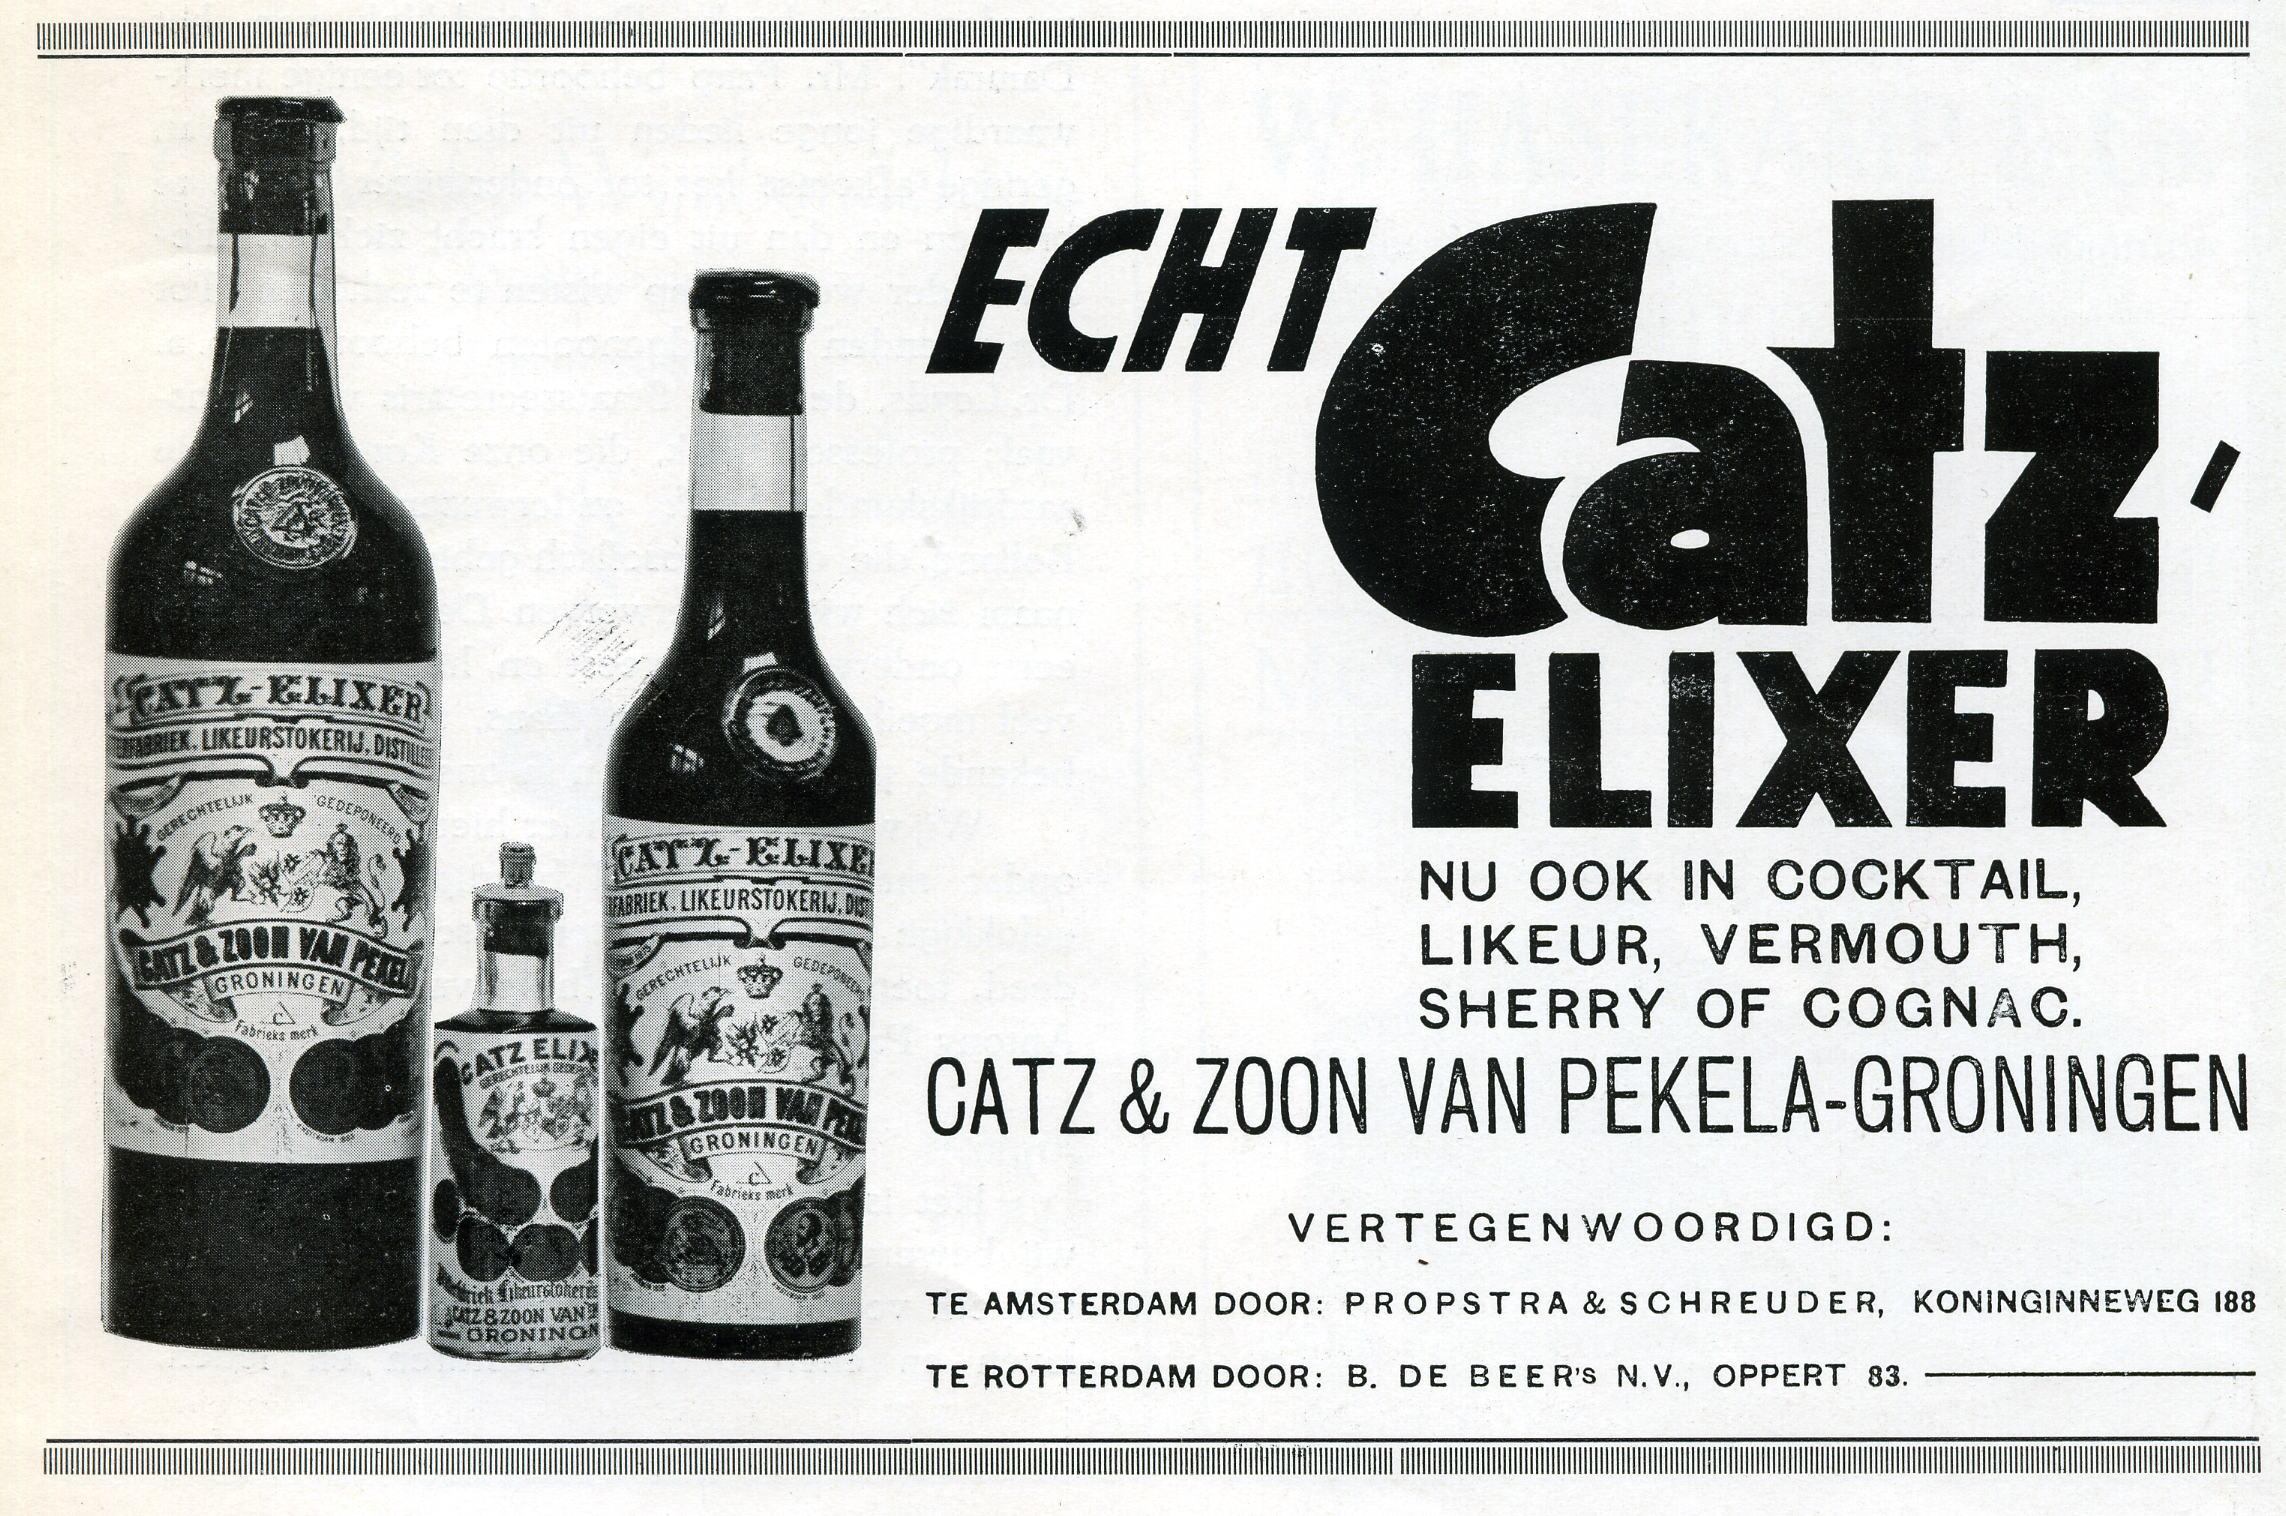 Catz elixer, historie, Alles over gin.